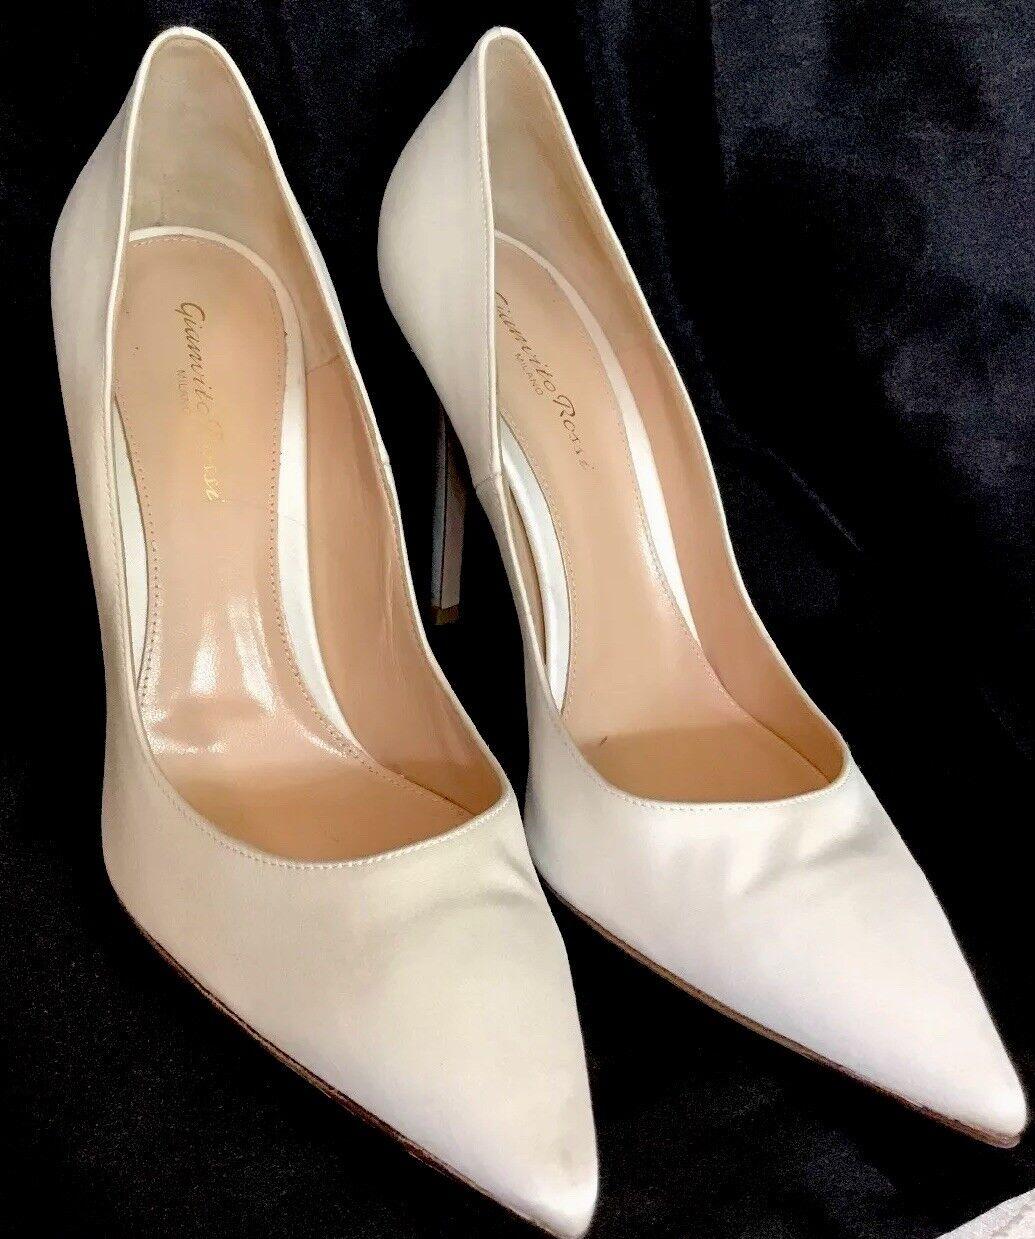 risparmia il 50% -75% di sconto Gianvito Rossi Rossi Rossi scarpe bianca Satin Pump Pointed Toe Dimensione 40 1 2  negozio all'ingrosso